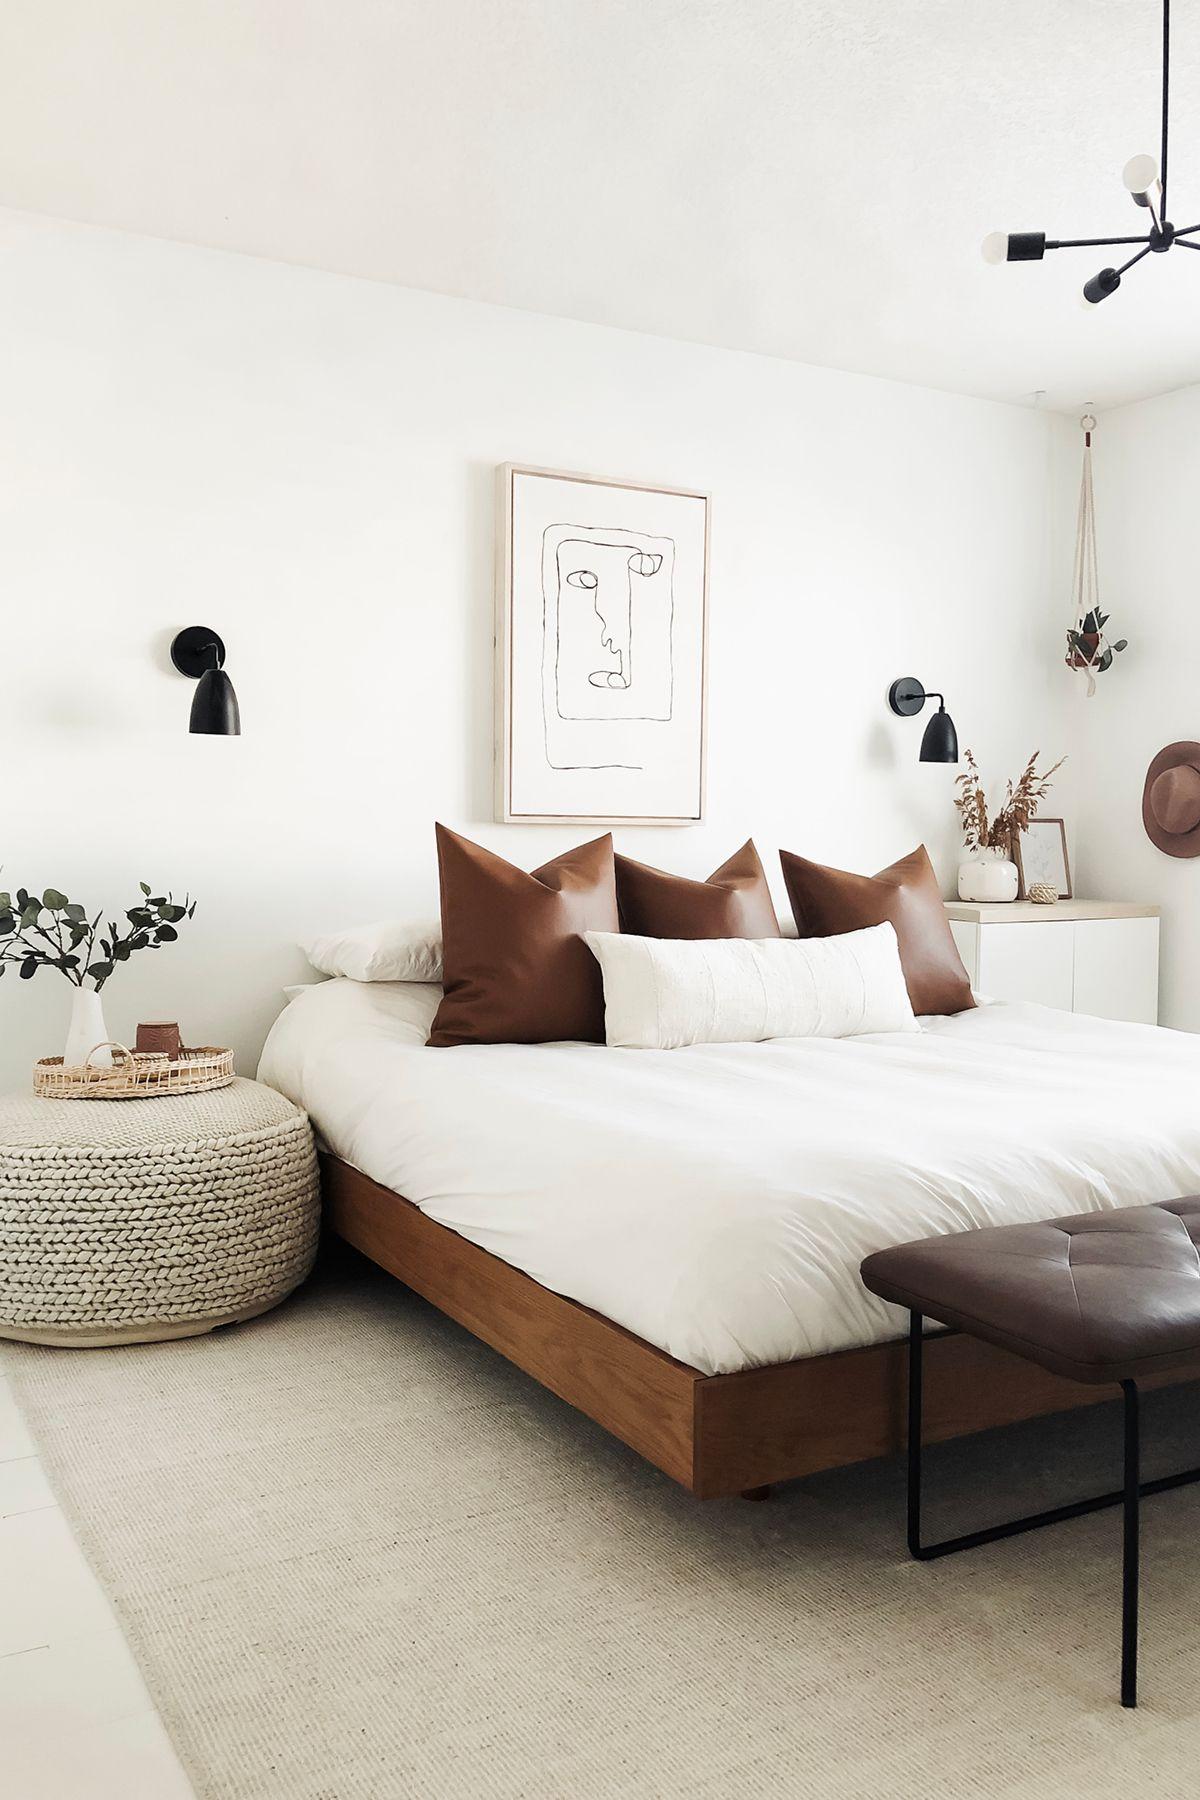 Basi Walnut Queen Bed Frame In 2020 Home Bedroom Bedroom Decor